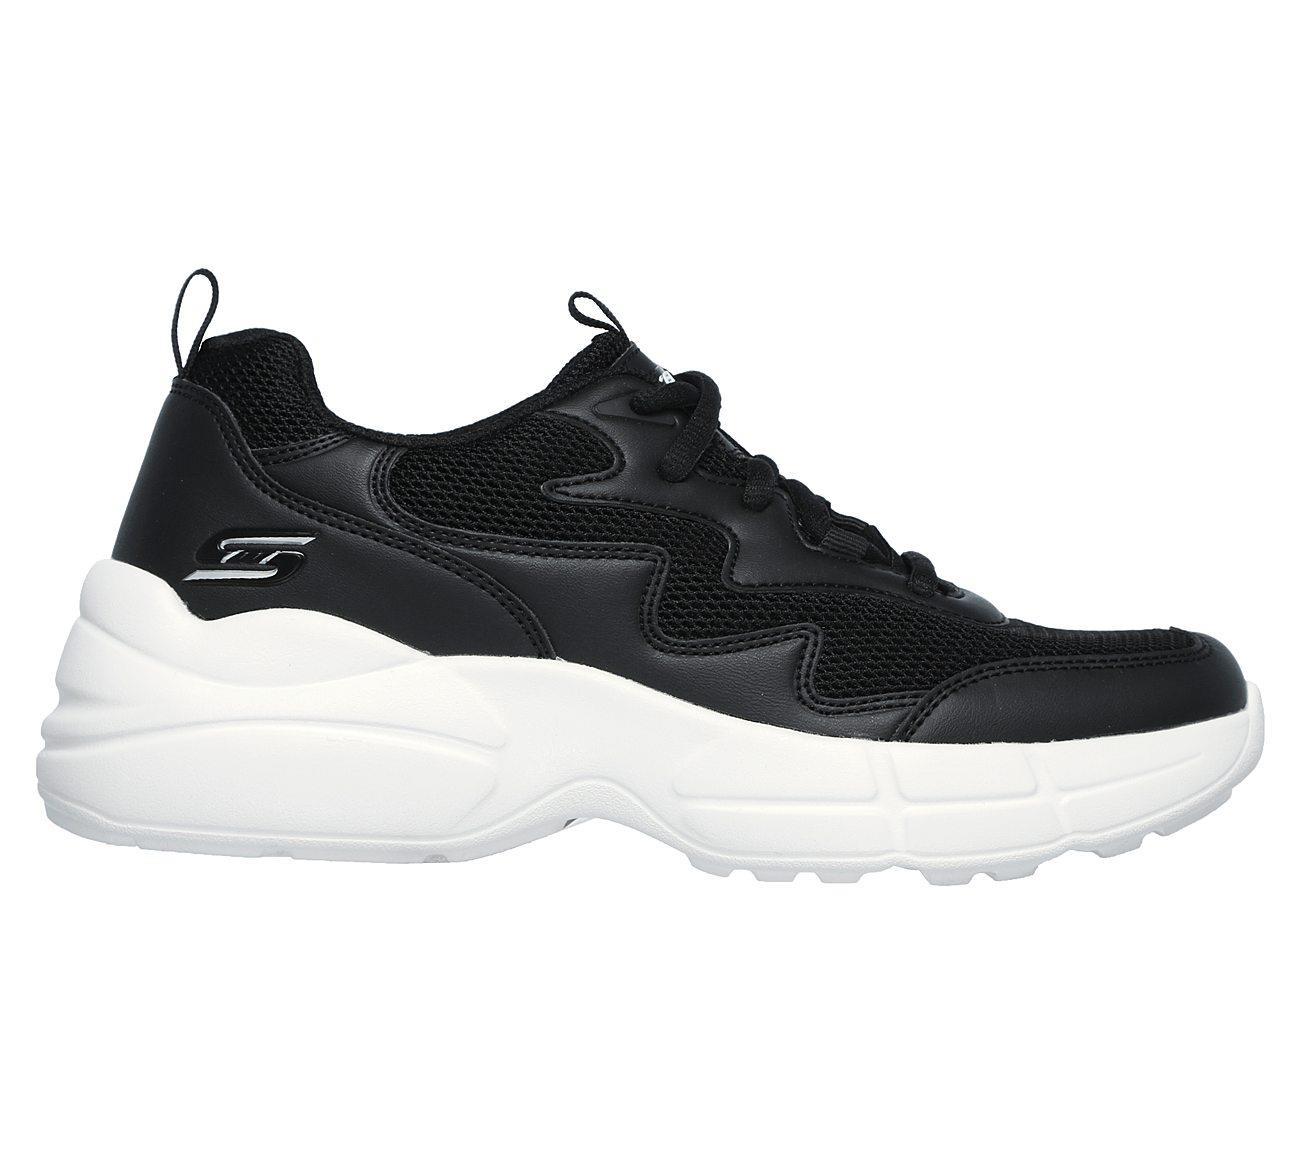 Skechers Bobs Prımo Bayan Ayakkabısı  SKC33124 BLK